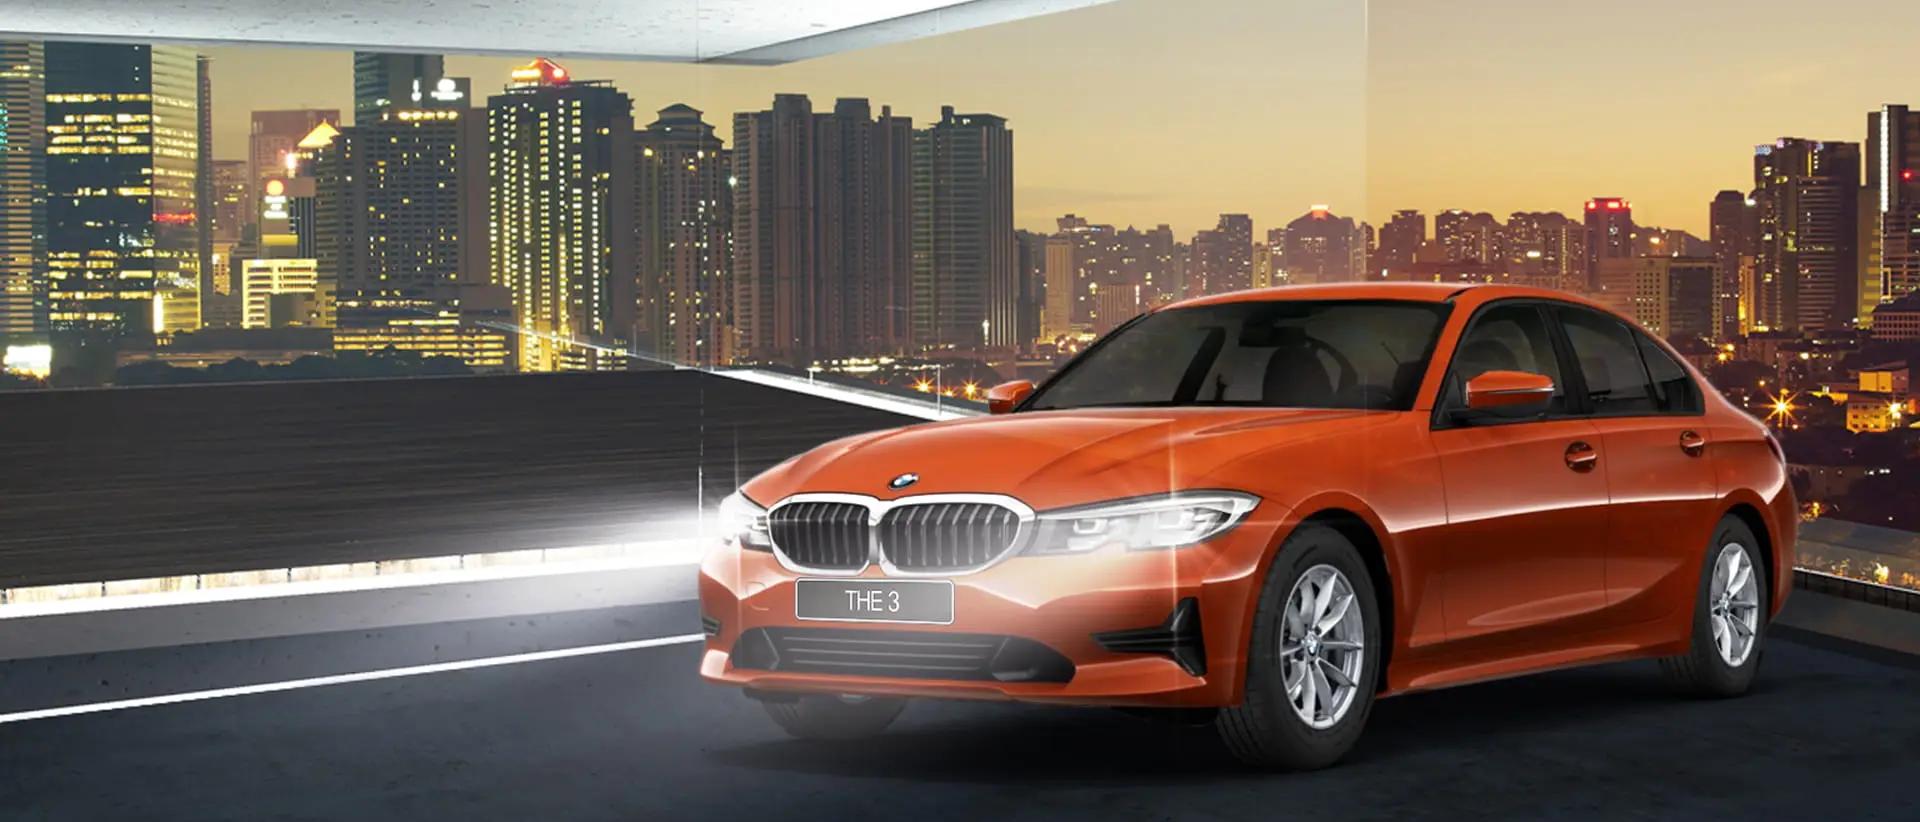 Купить новый БМВ М5 2020-2021 в Москве в автосалоне официального дилера BMW Автодом Внуково